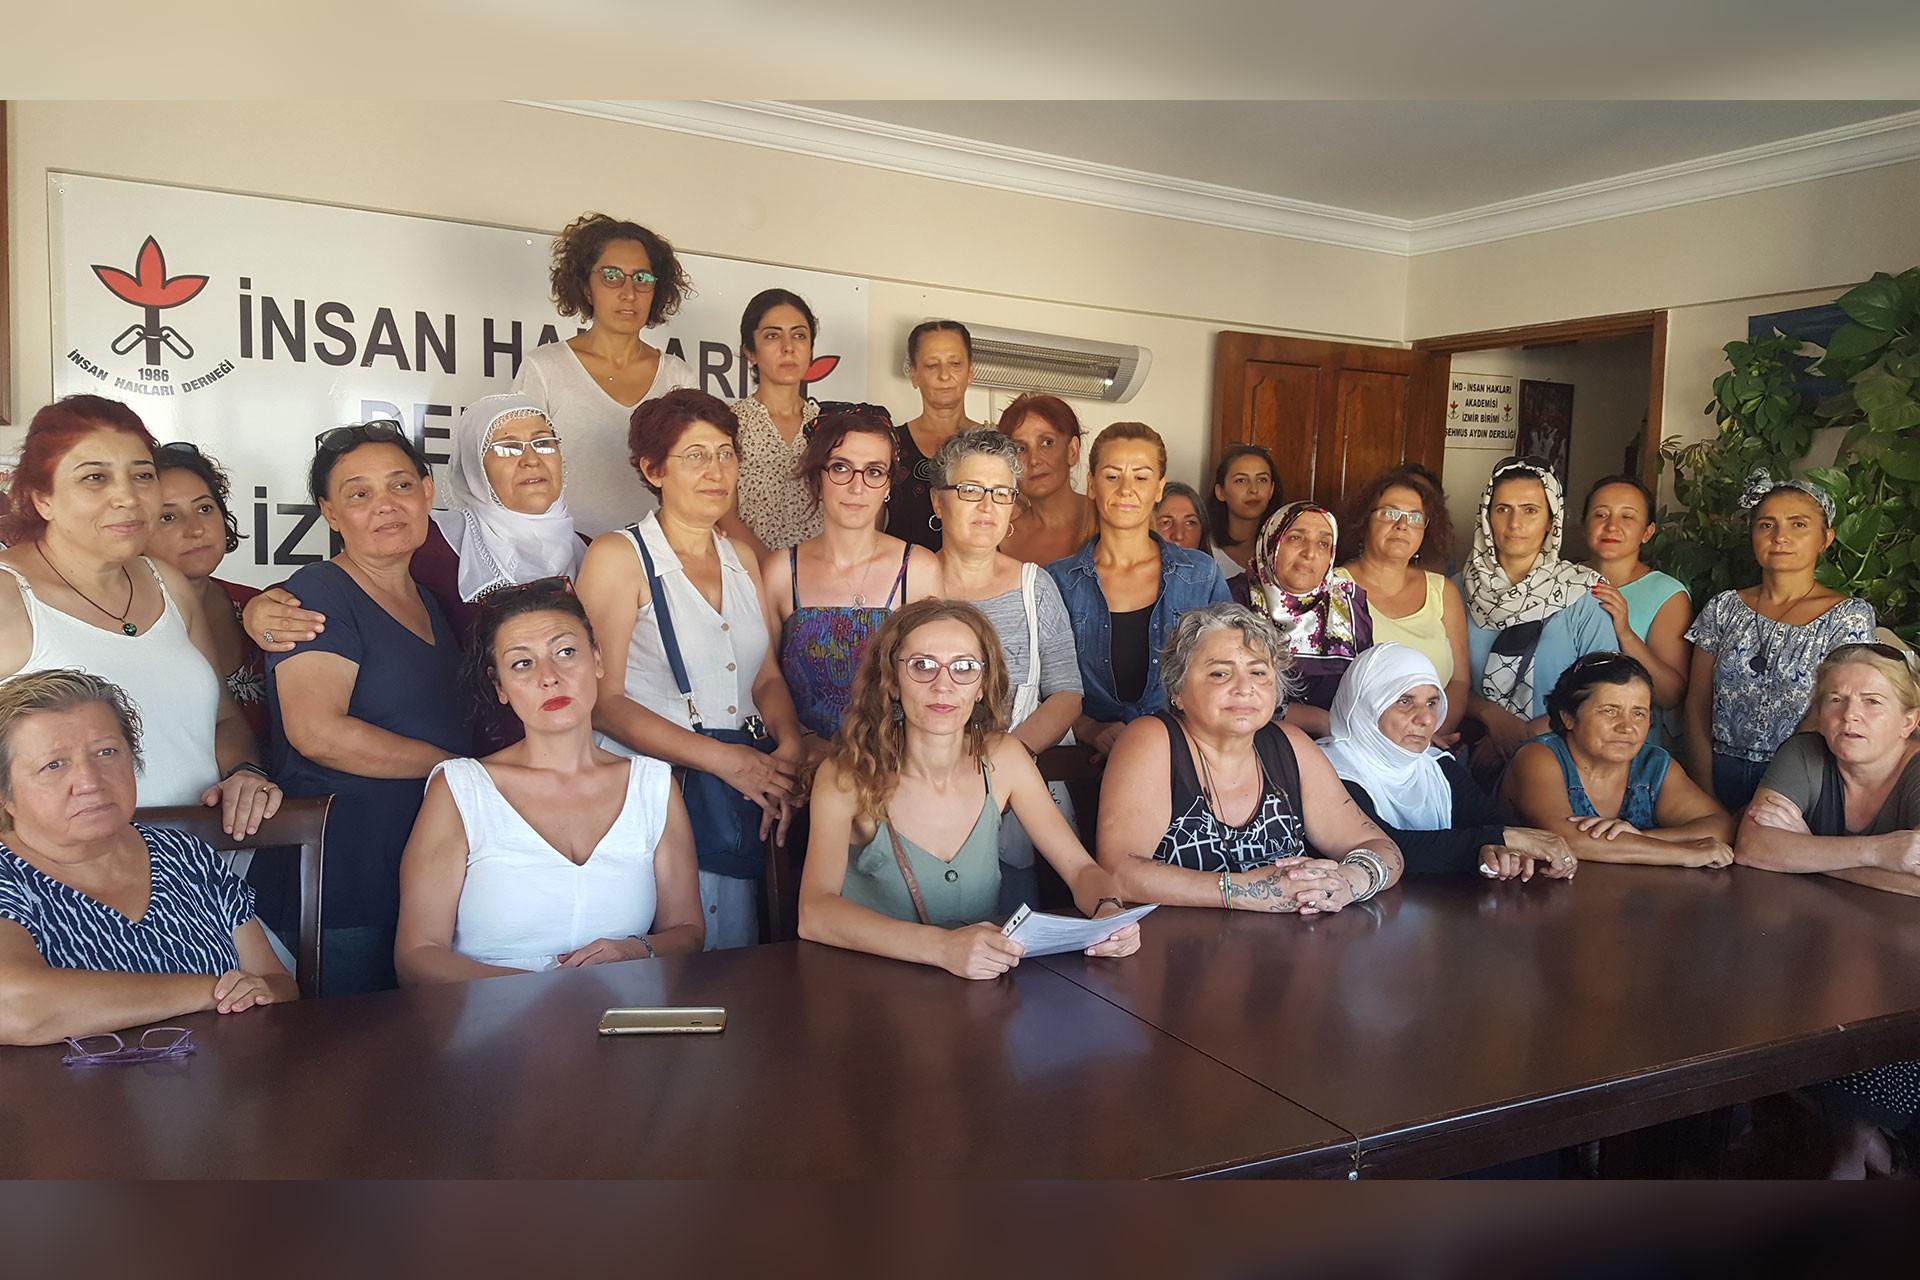 İzmir Kadın Platformu: Kadınların kazanımlarına dönük saldırıyı kabul etmiyoruz